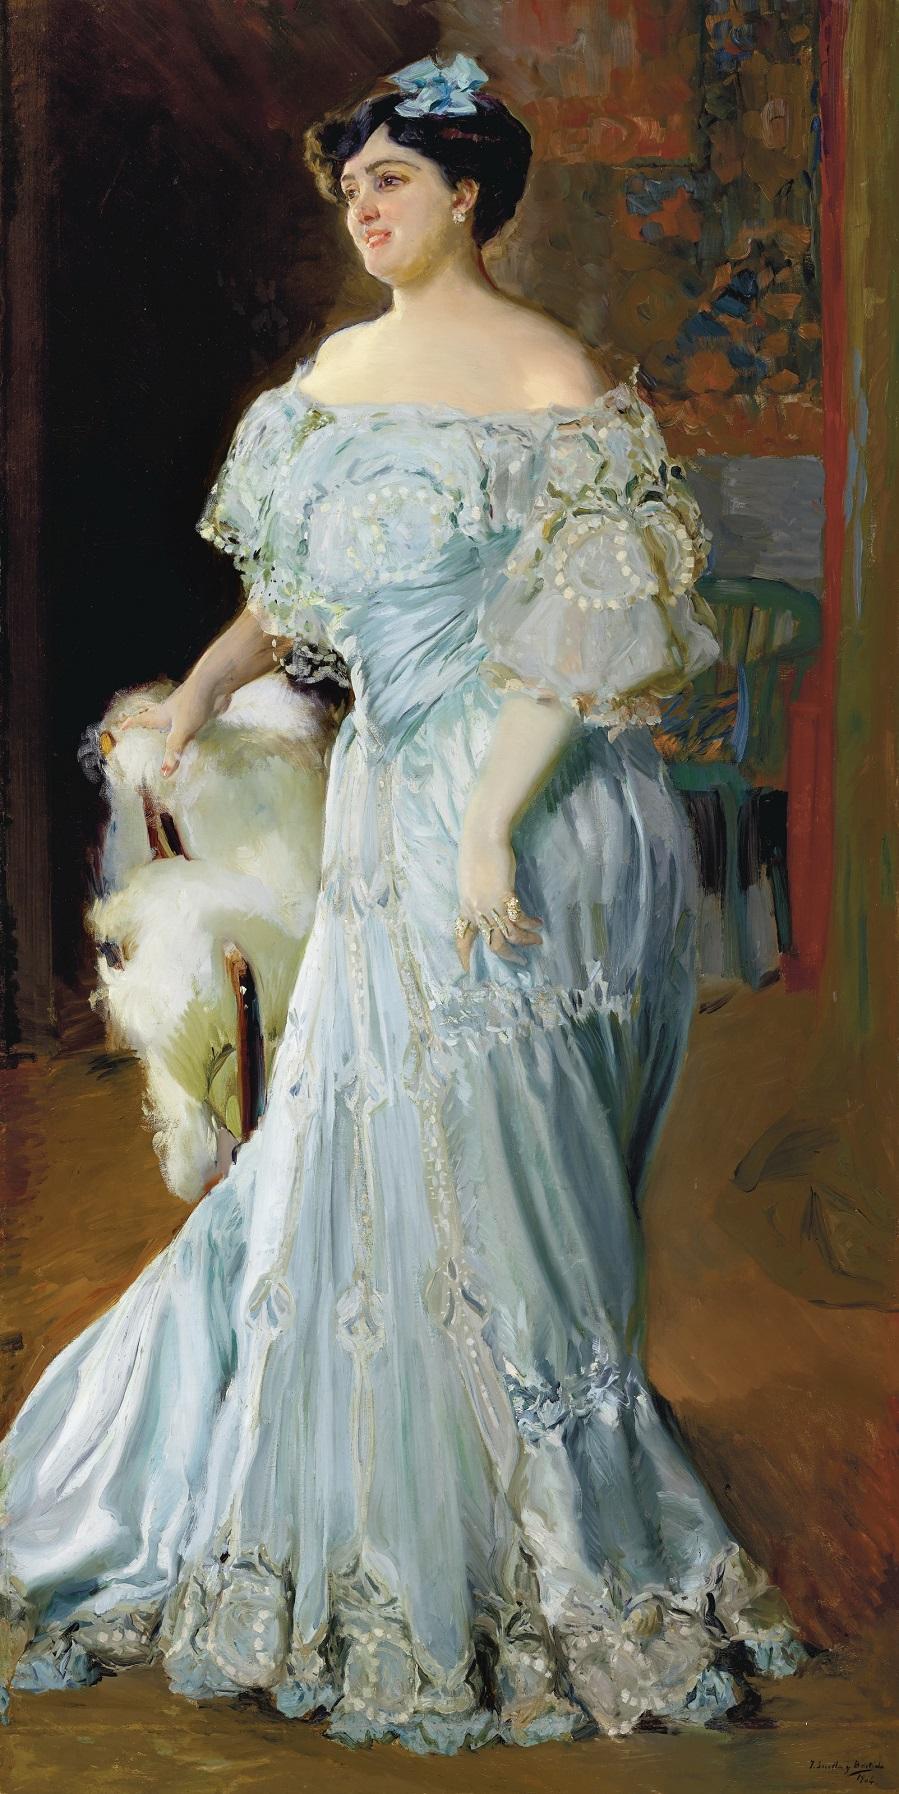 Joaquin-Sorolla-y-Bastida-Spanish-1863-1923.jpg